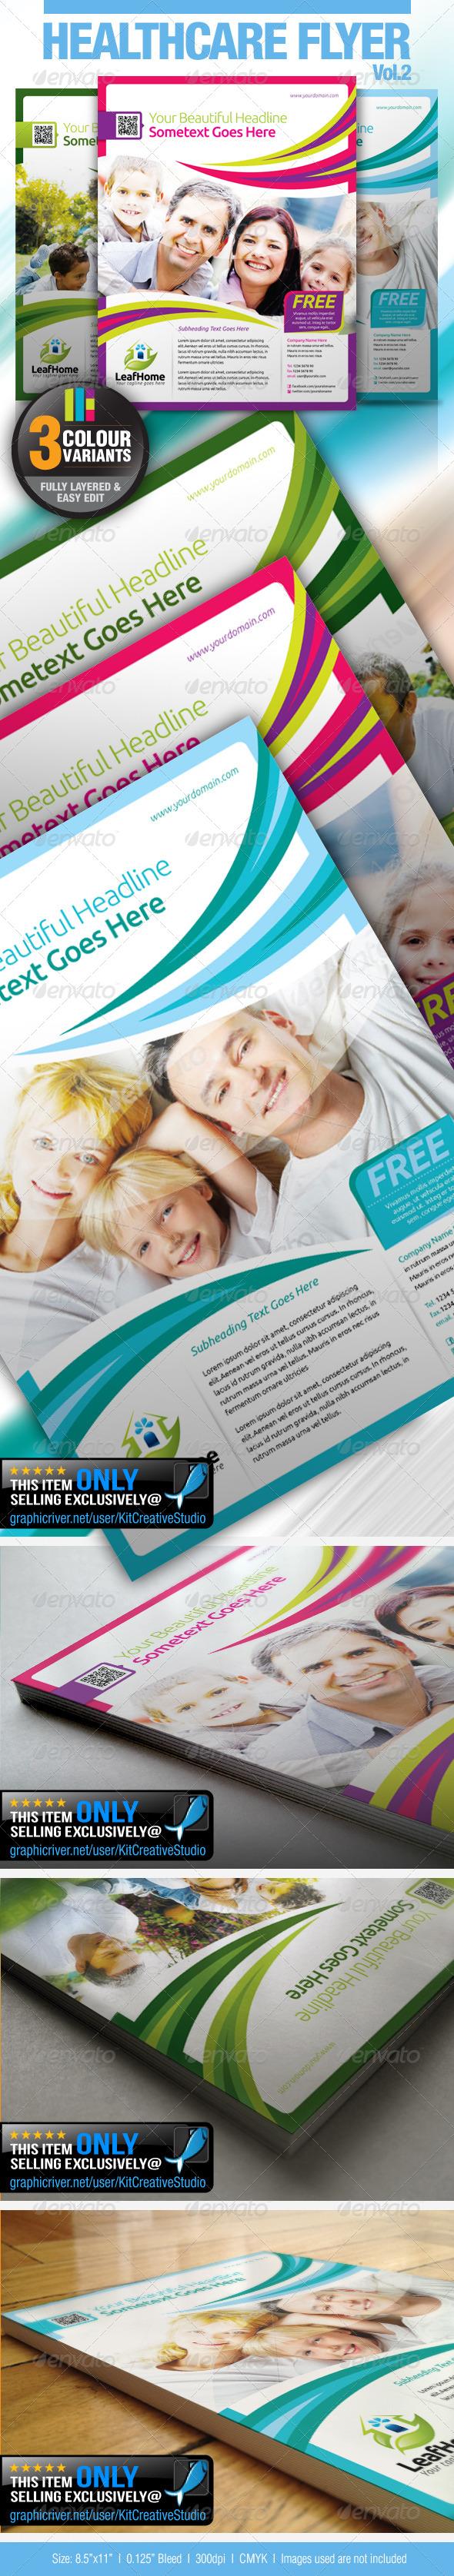 GraphicRiver Healthcare Flyer Vol.2 4929536